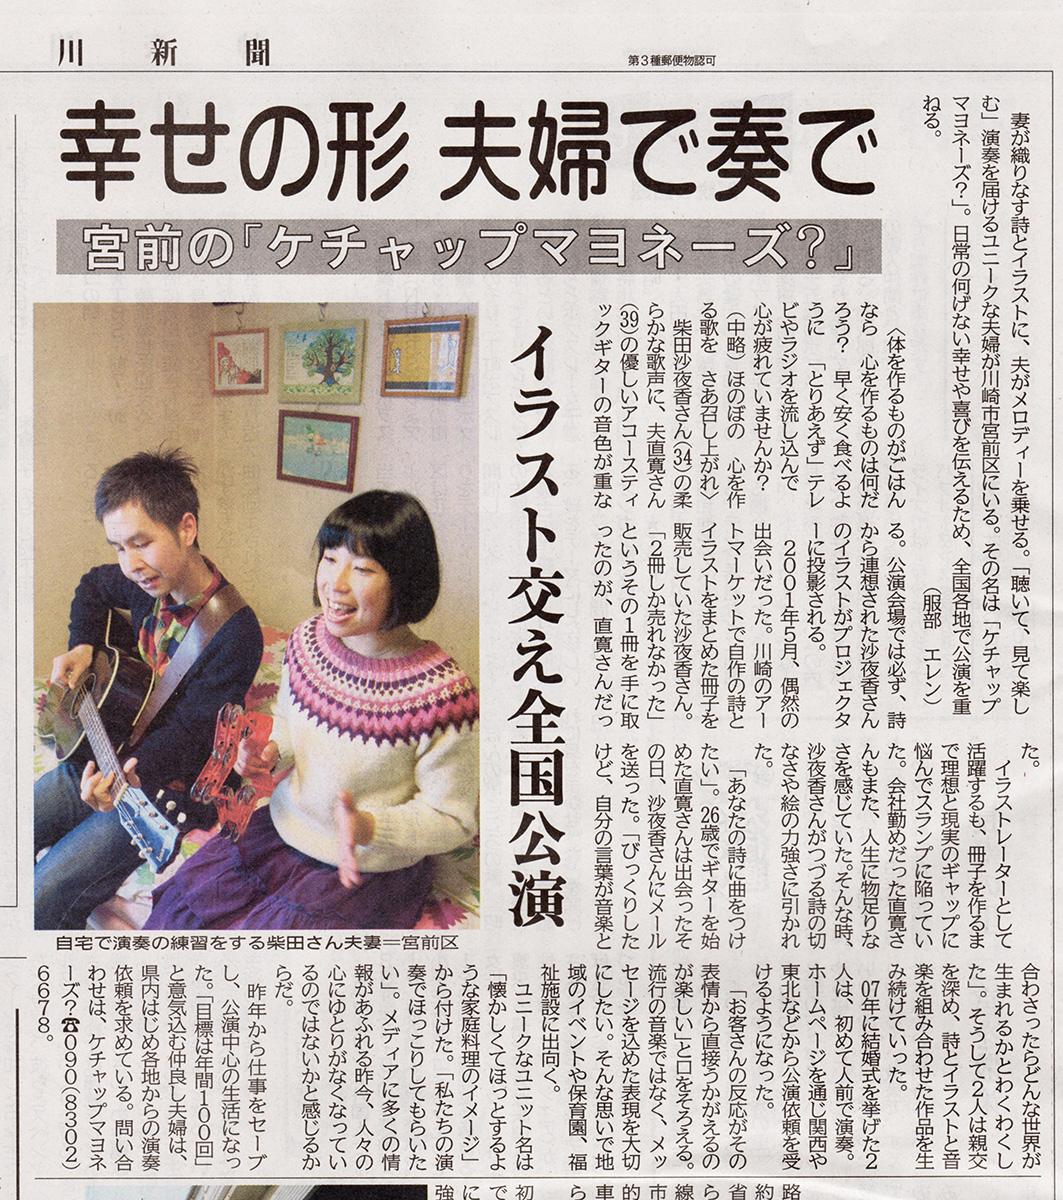 神奈川新聞で紹介されました!(2014.03.01)